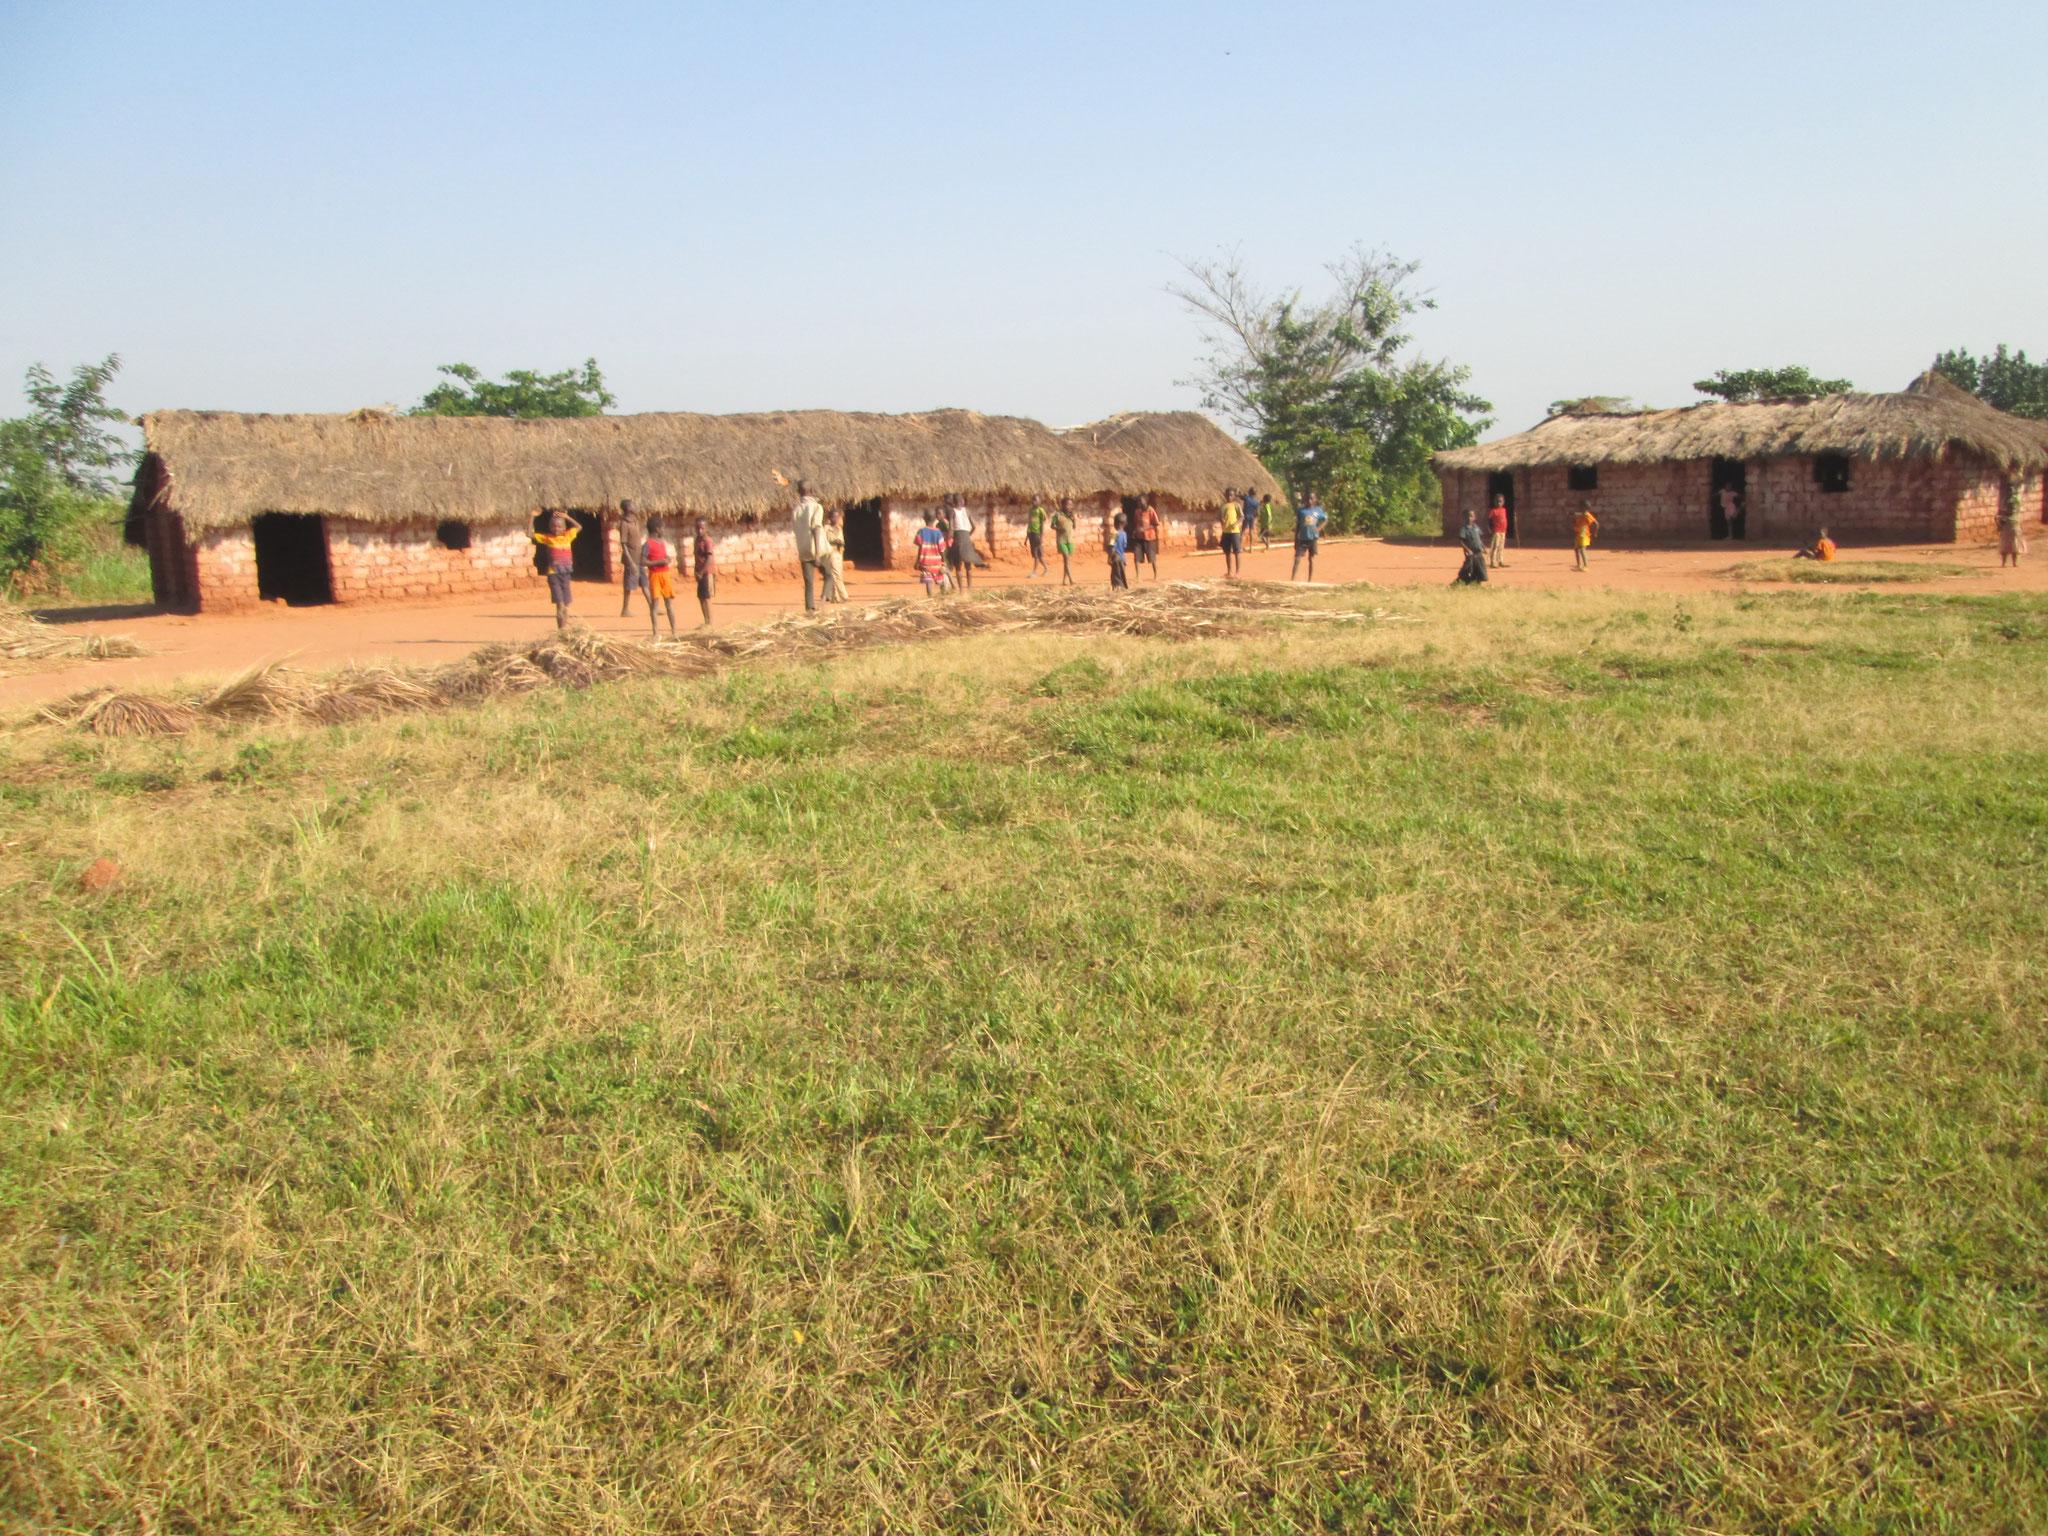 Les écoles qui n'aident pas les enfants à avoir une éducation adéquate